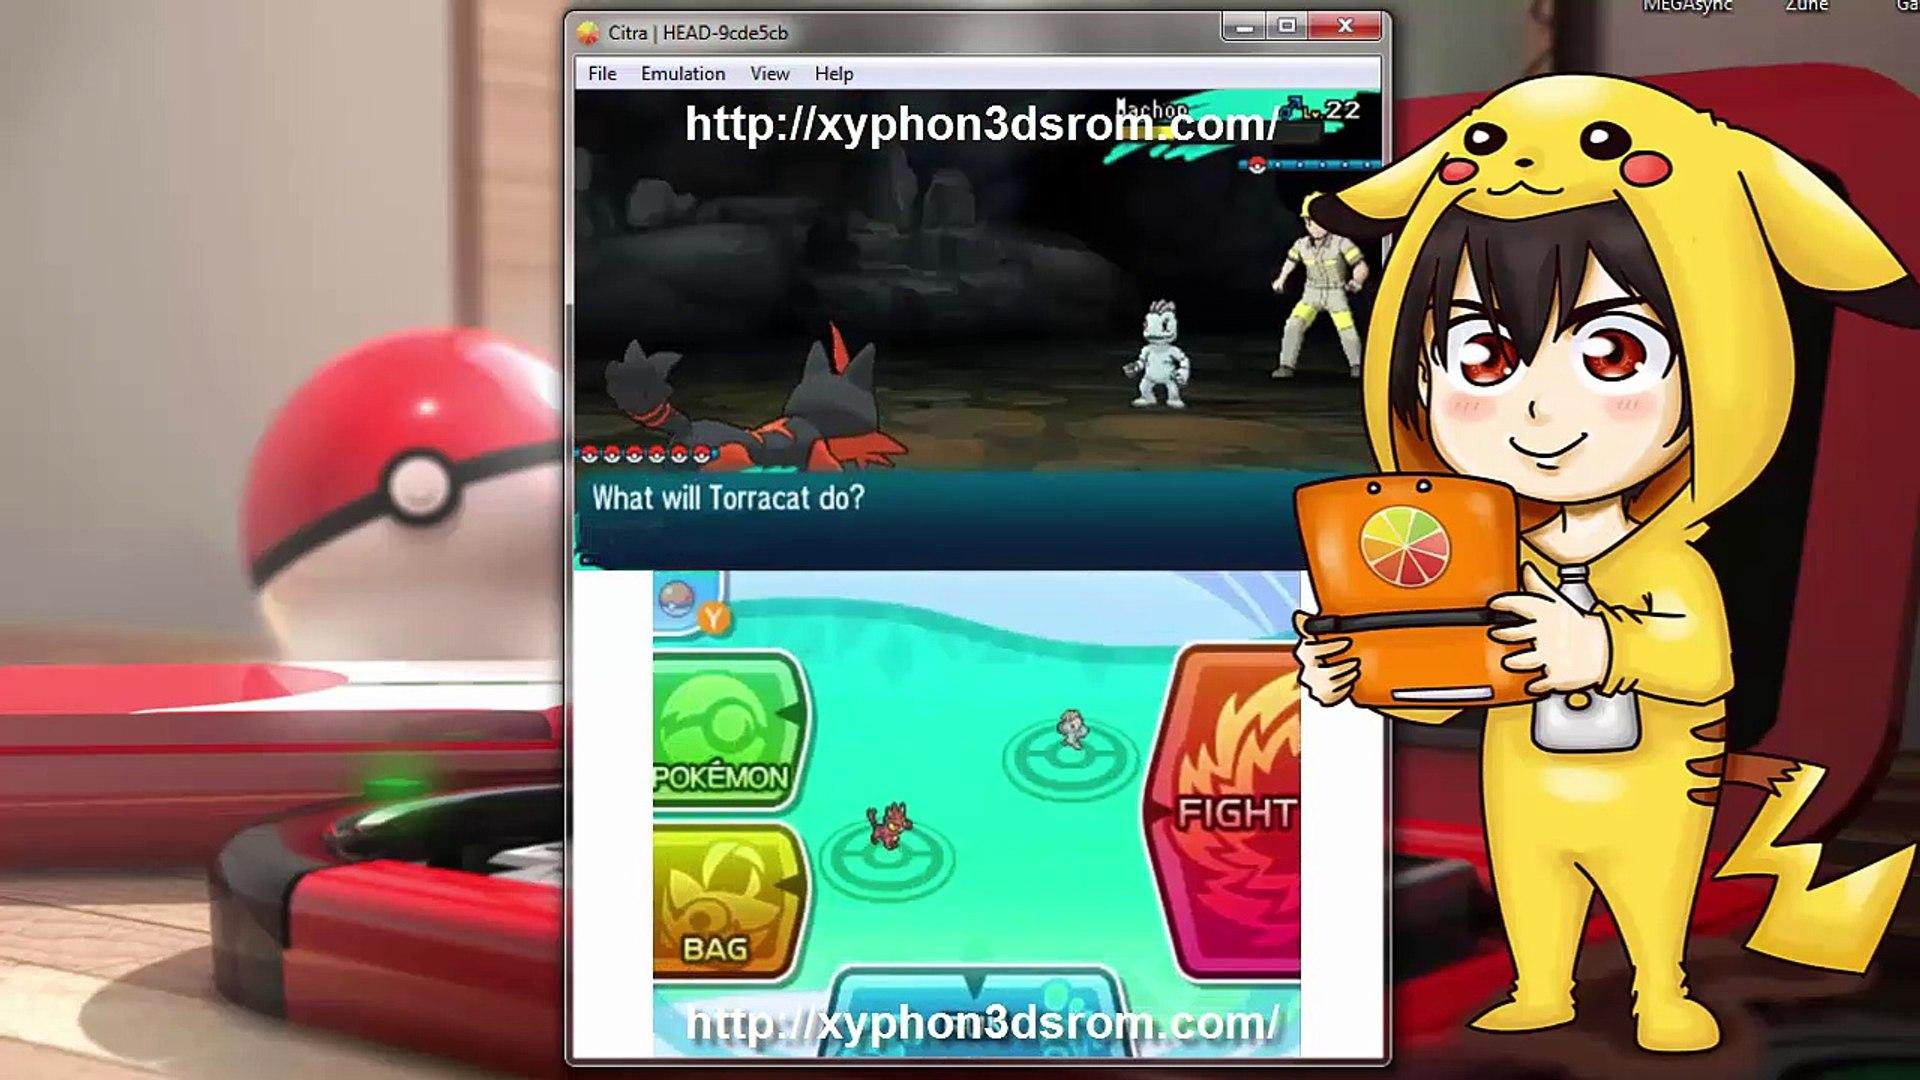 Pokemon ultra sun rom 3ds file | Pokemon Ultra Moon (Region